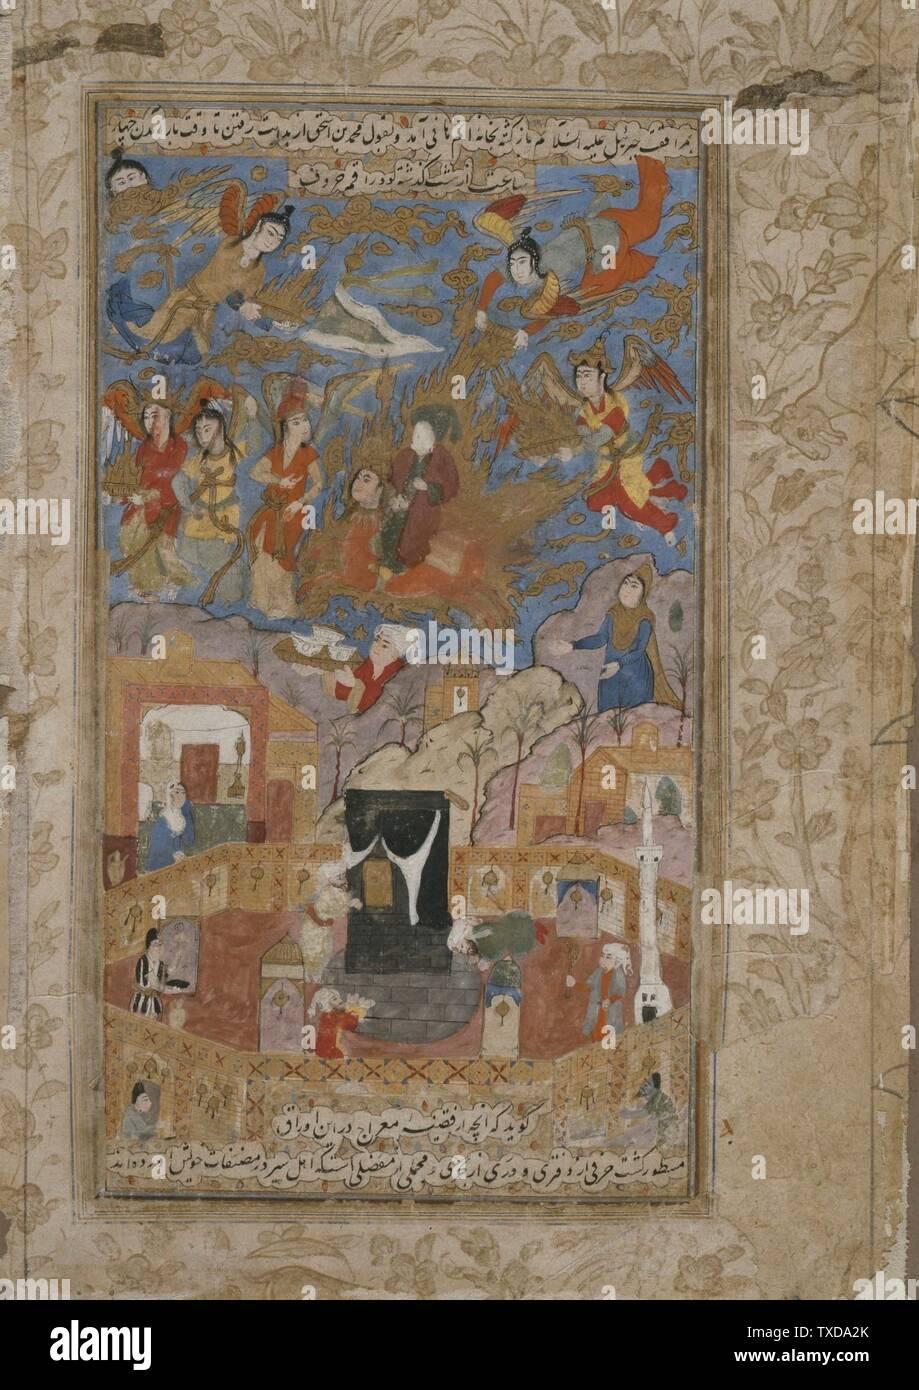 Ka'ba Mecca Stock Photos & Ka'ba Mecca Stock Images - Alamy